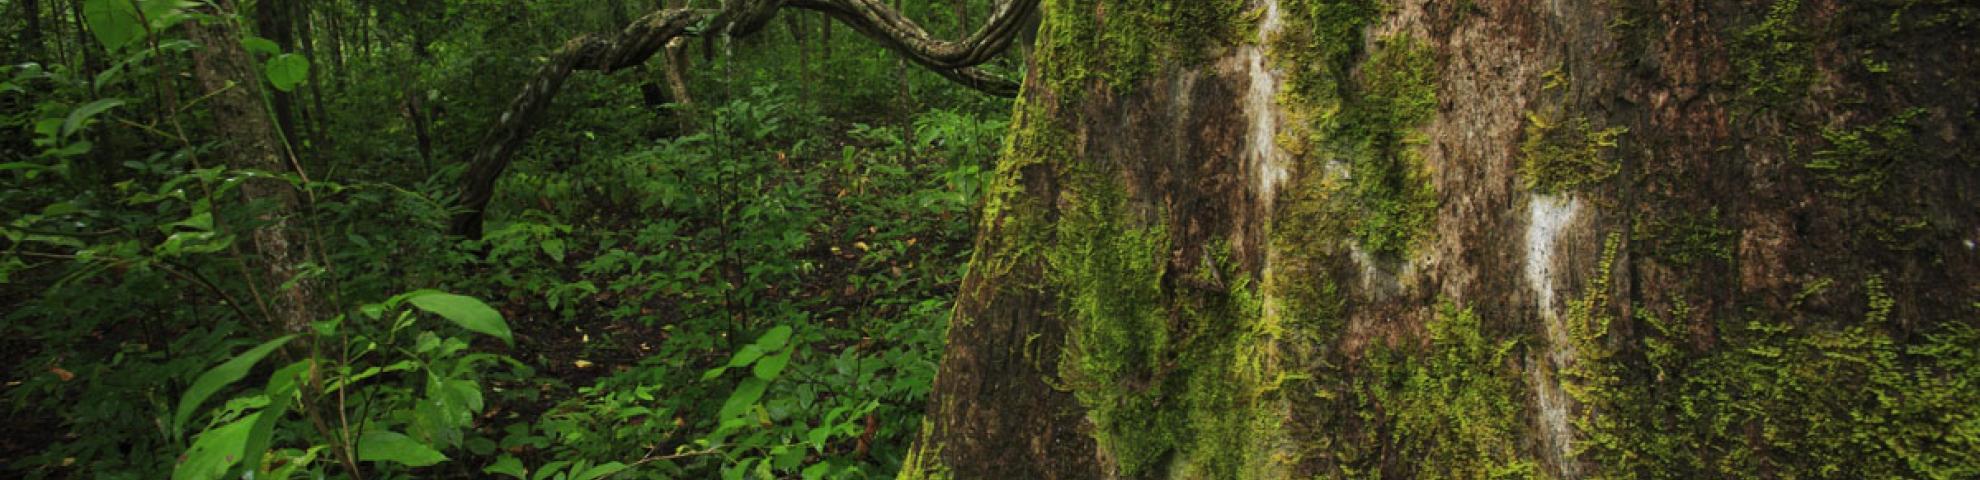 Tree in HKK plot